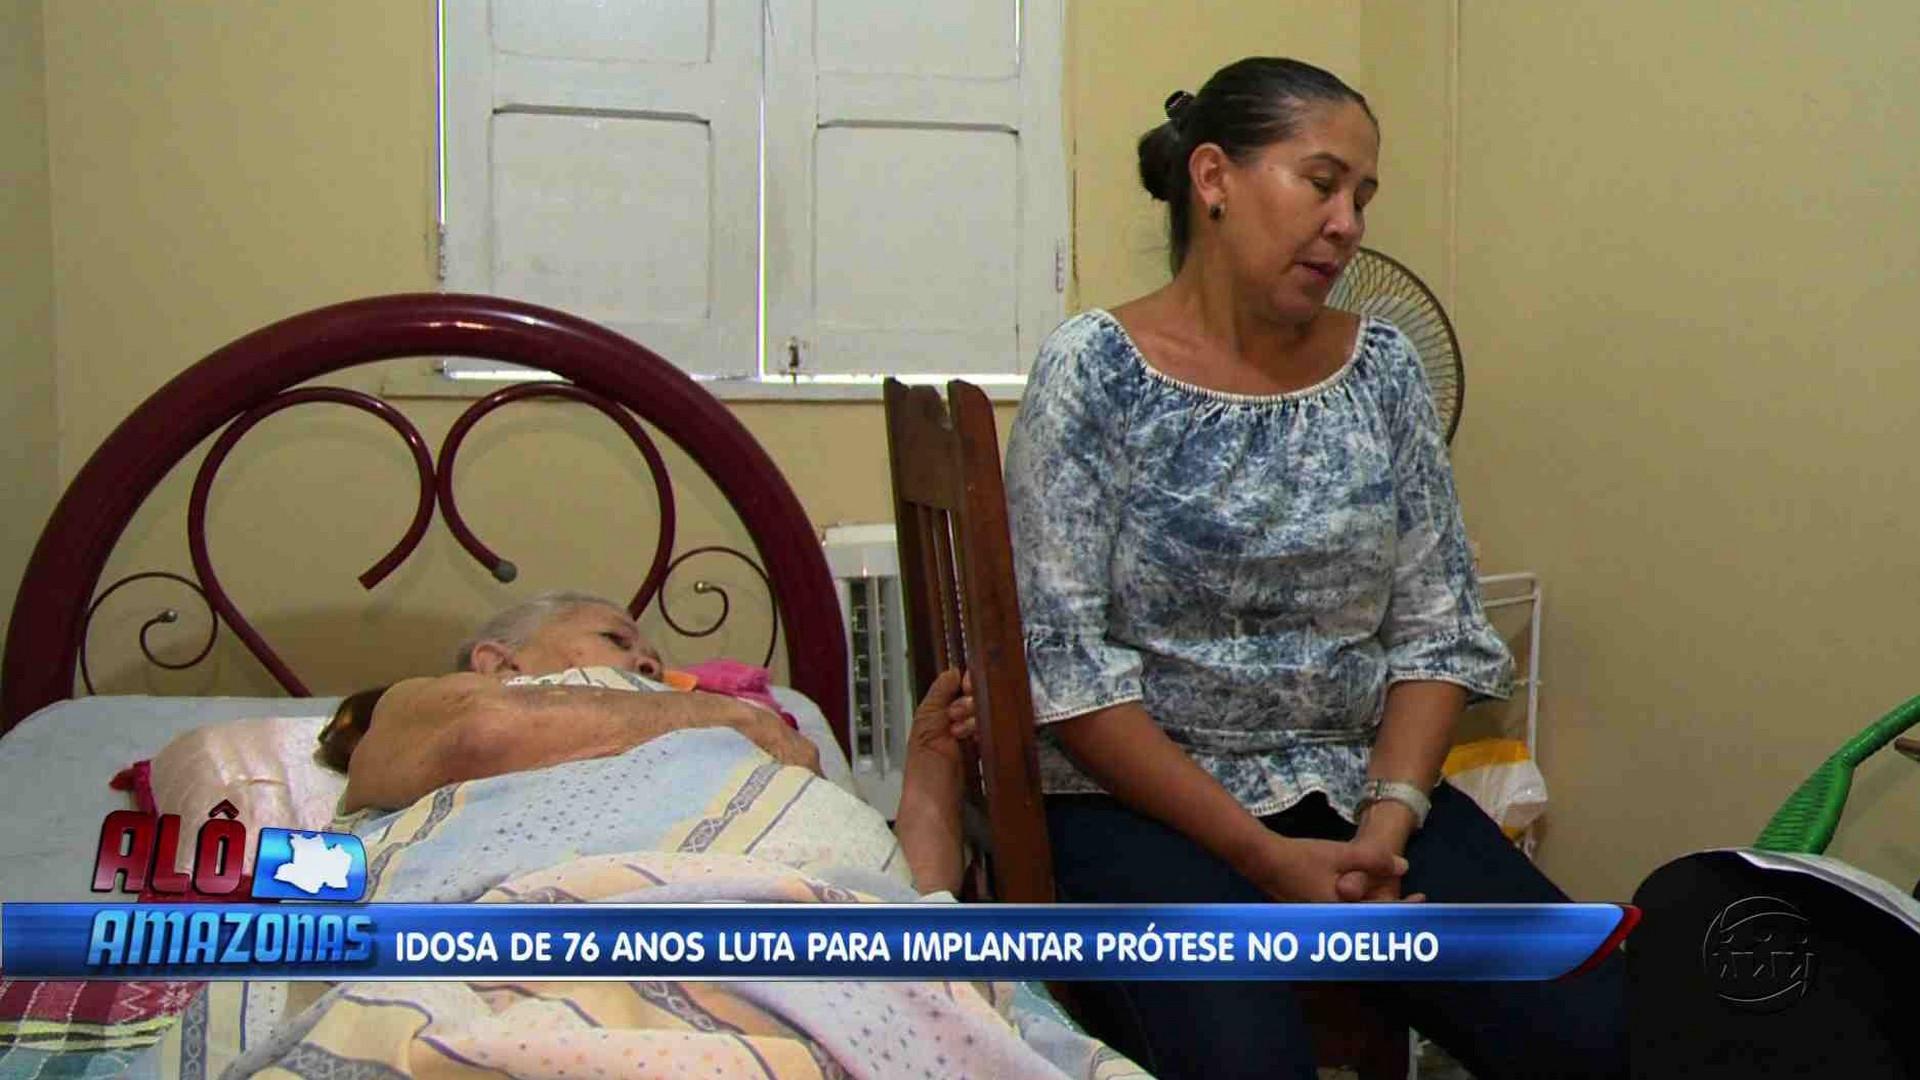 IDOSA DE 76 ANOS LUTA PARA  IMPLANTAR PRÓTESE NO JOELHO - Alô Amazonas 12/12/17